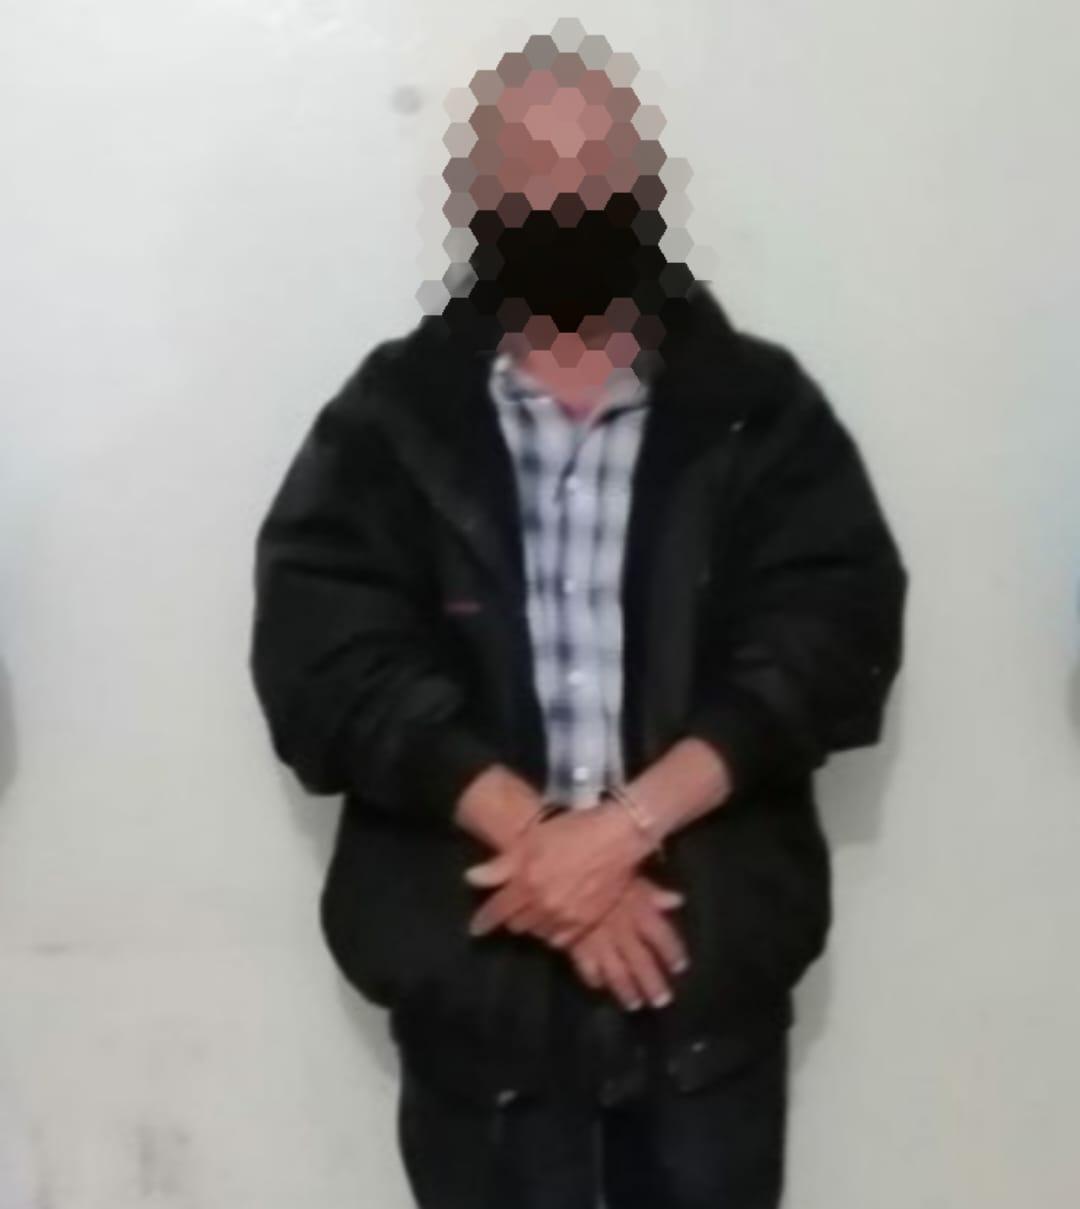 Por homicidio culposo se arresta a sospechoso en el oriente del país